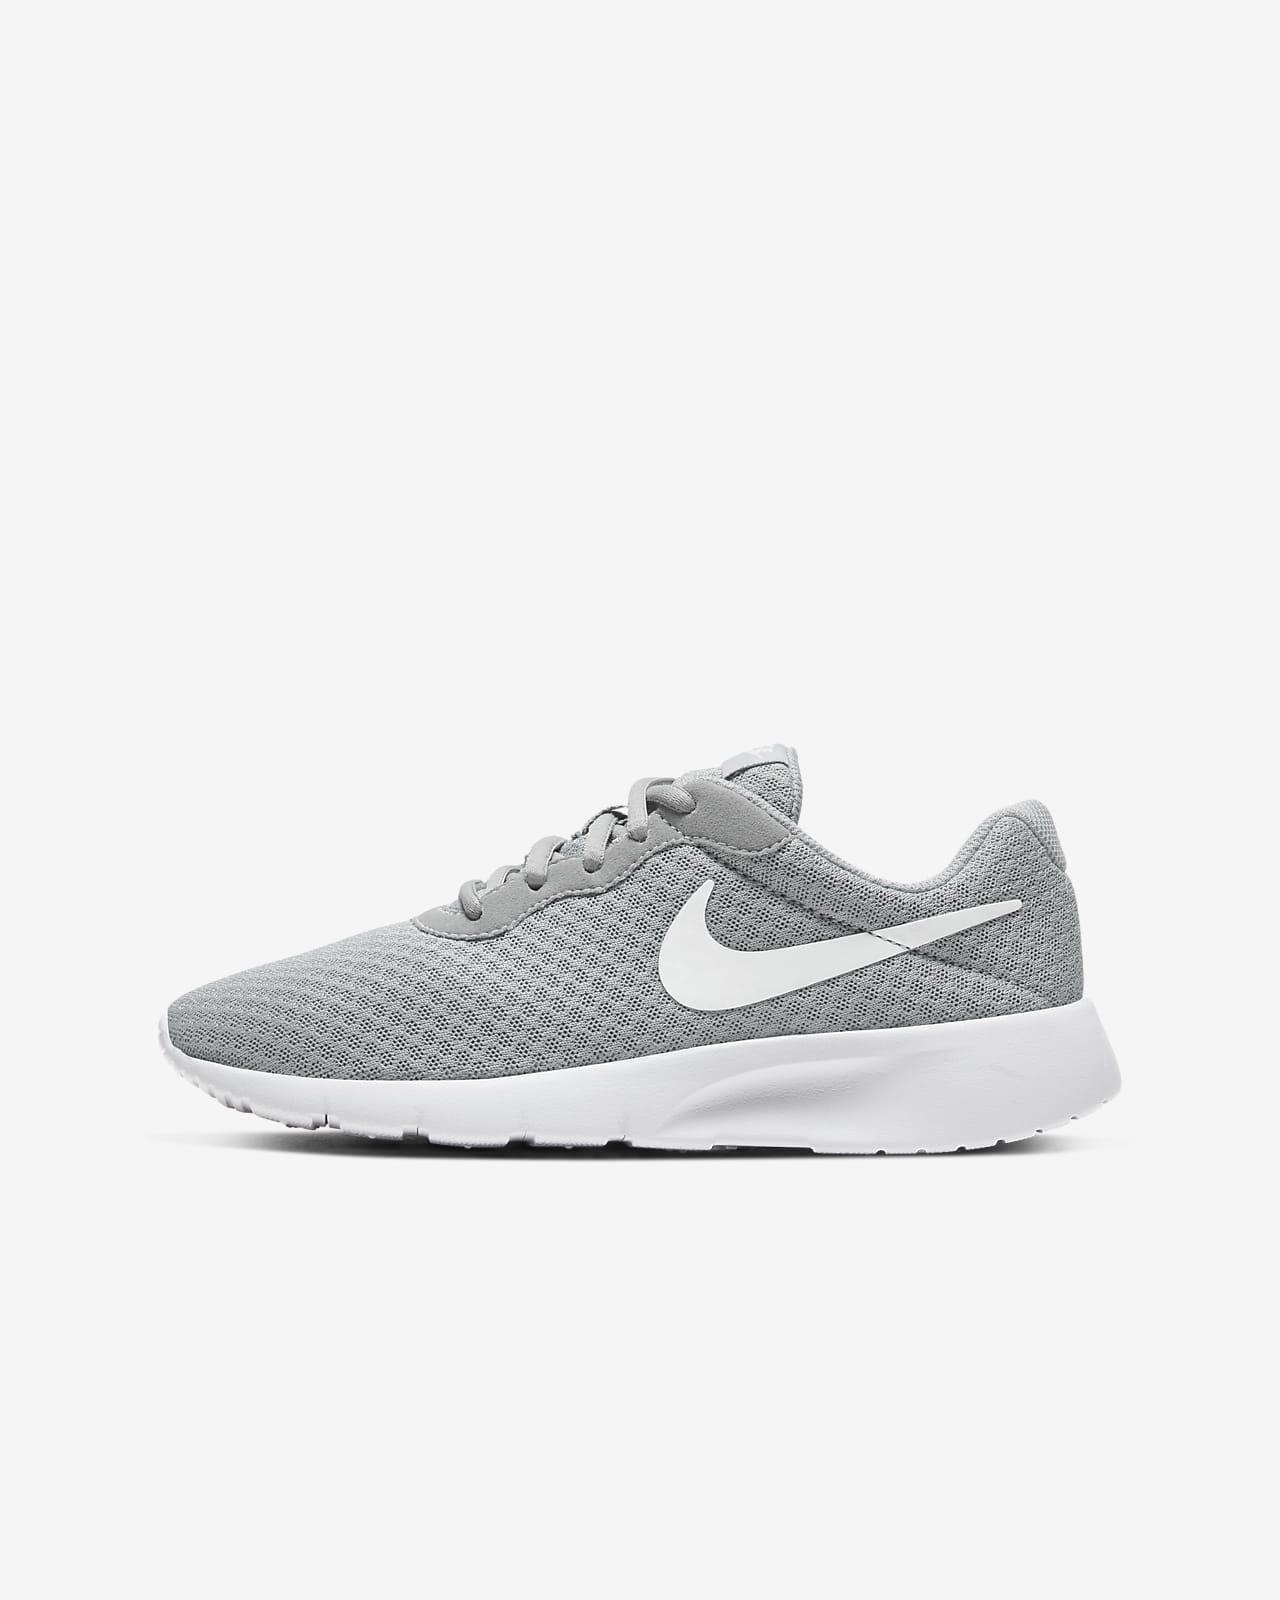 Nike Tanjun Older Kids' Shoe. Nike MA